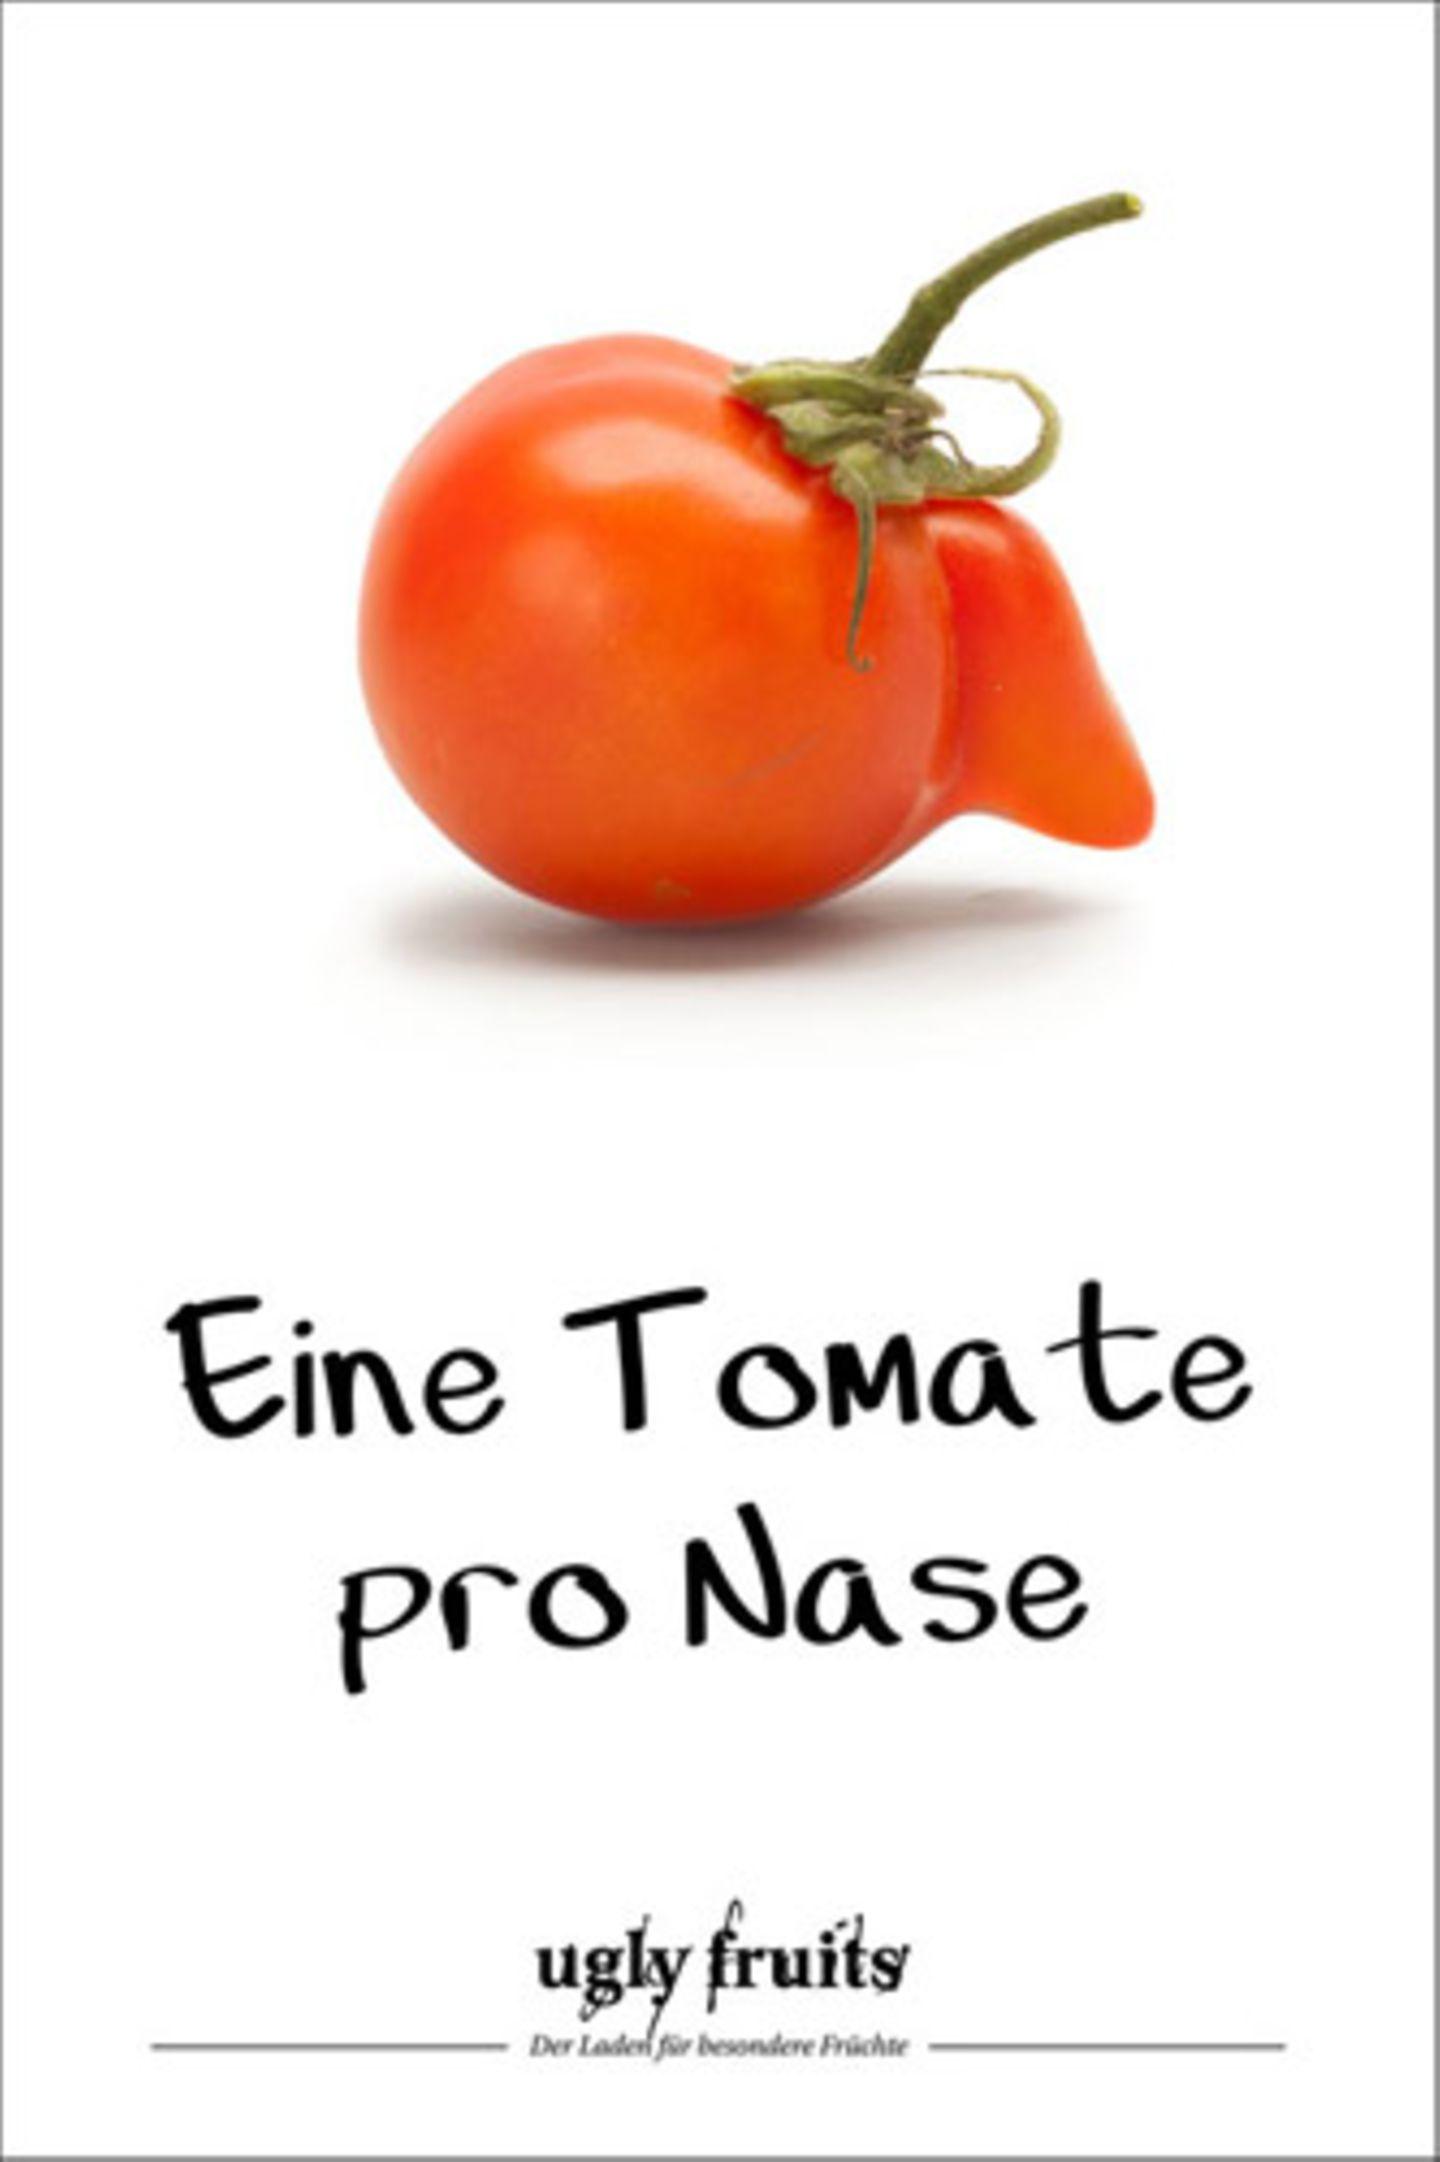 """Solche Tomaten könnte es auch bald im Supermarkt geben. Unter dem Motto """"Keiner ist perfekt"""" verkaufen Edeka und Netto jetzt Gemüse mit Schönheitsfehlern. Eine ähnliche Idee verfolgt Rewe mit seinen """"Wunderlingen"""", die es derzeit testweise in österreichischen Supermärkten zu kaufen gibt."""